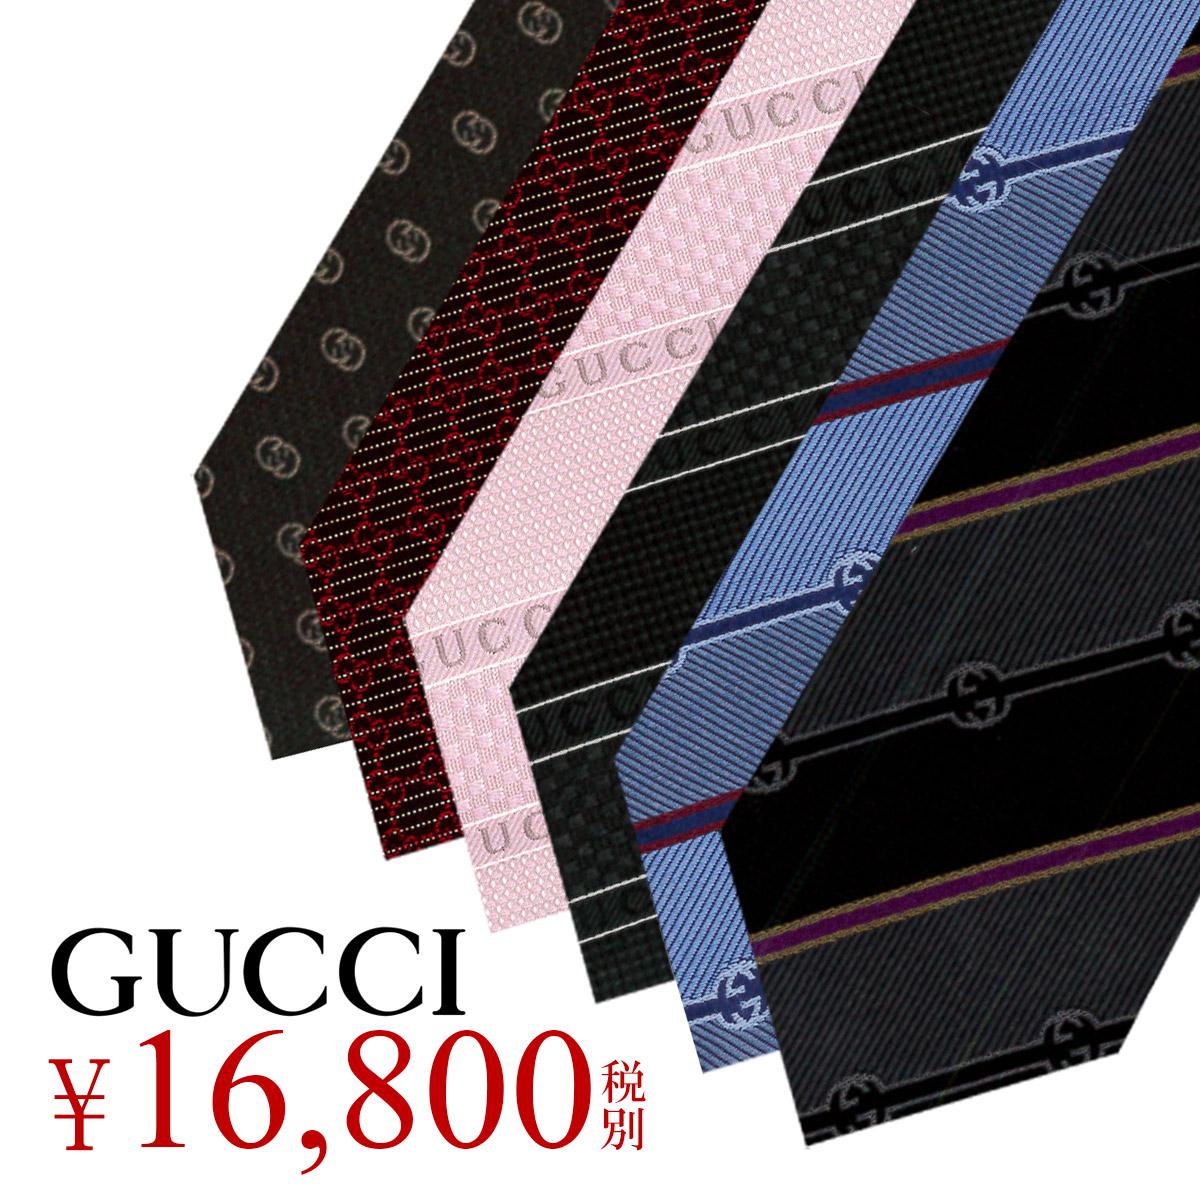 グッチ ネクタイ メンズ シルク イタリア n-sale-gucci-2 GUCCI[bef][即日発送]